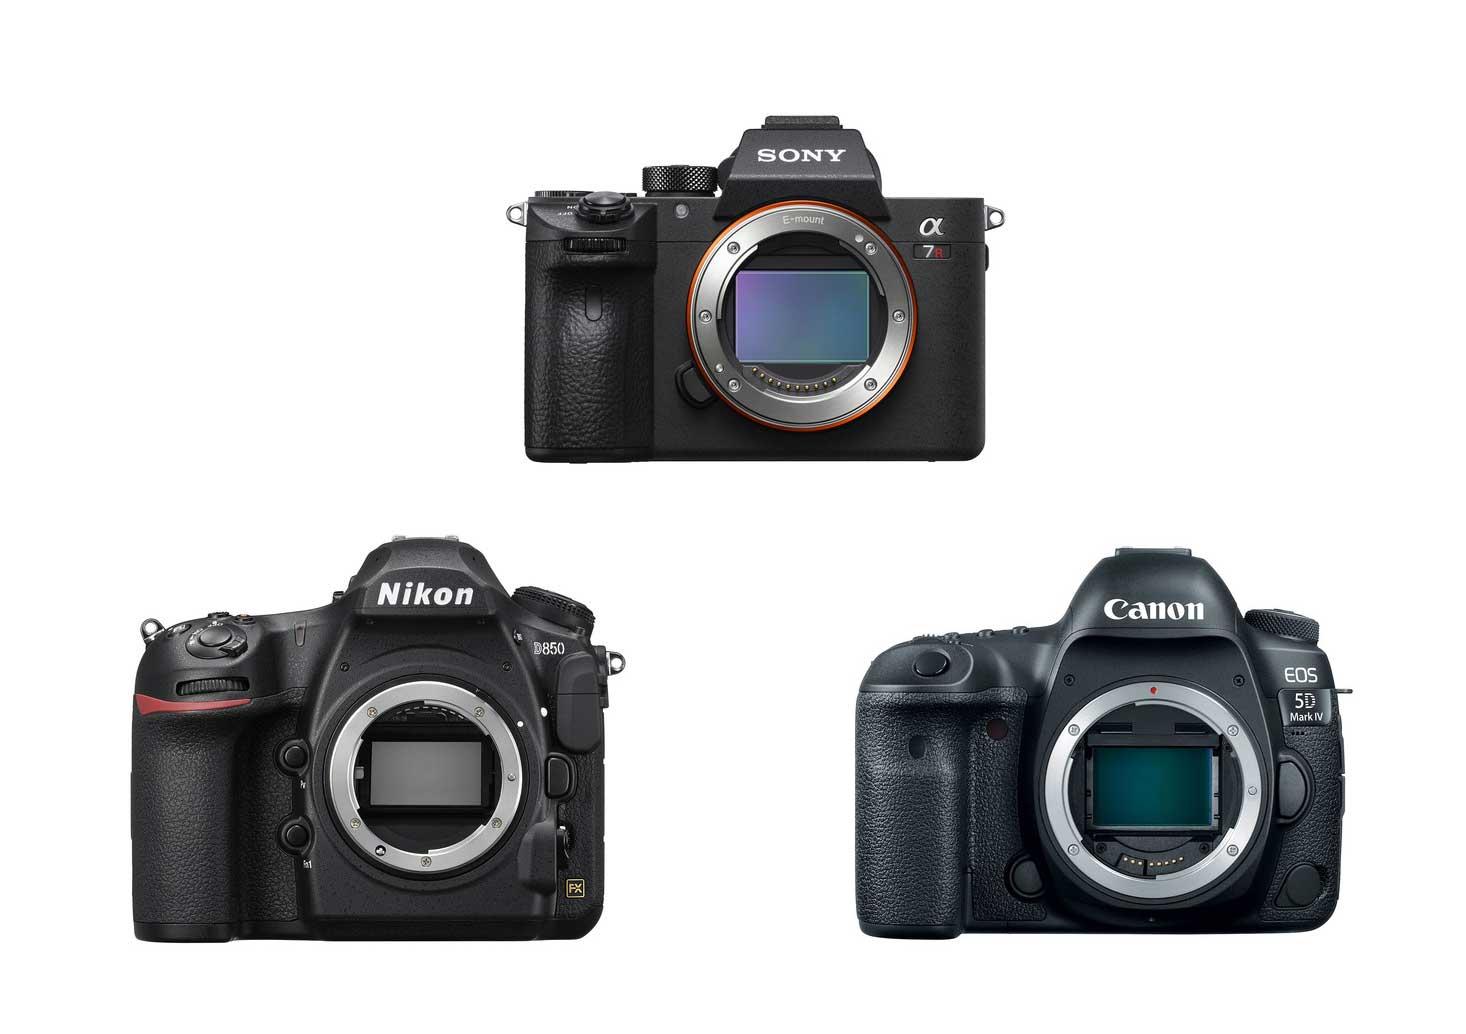 Sony a7R III Vs  Nikon D850 Vs  Canon 5D Mark IV Specs Comparison